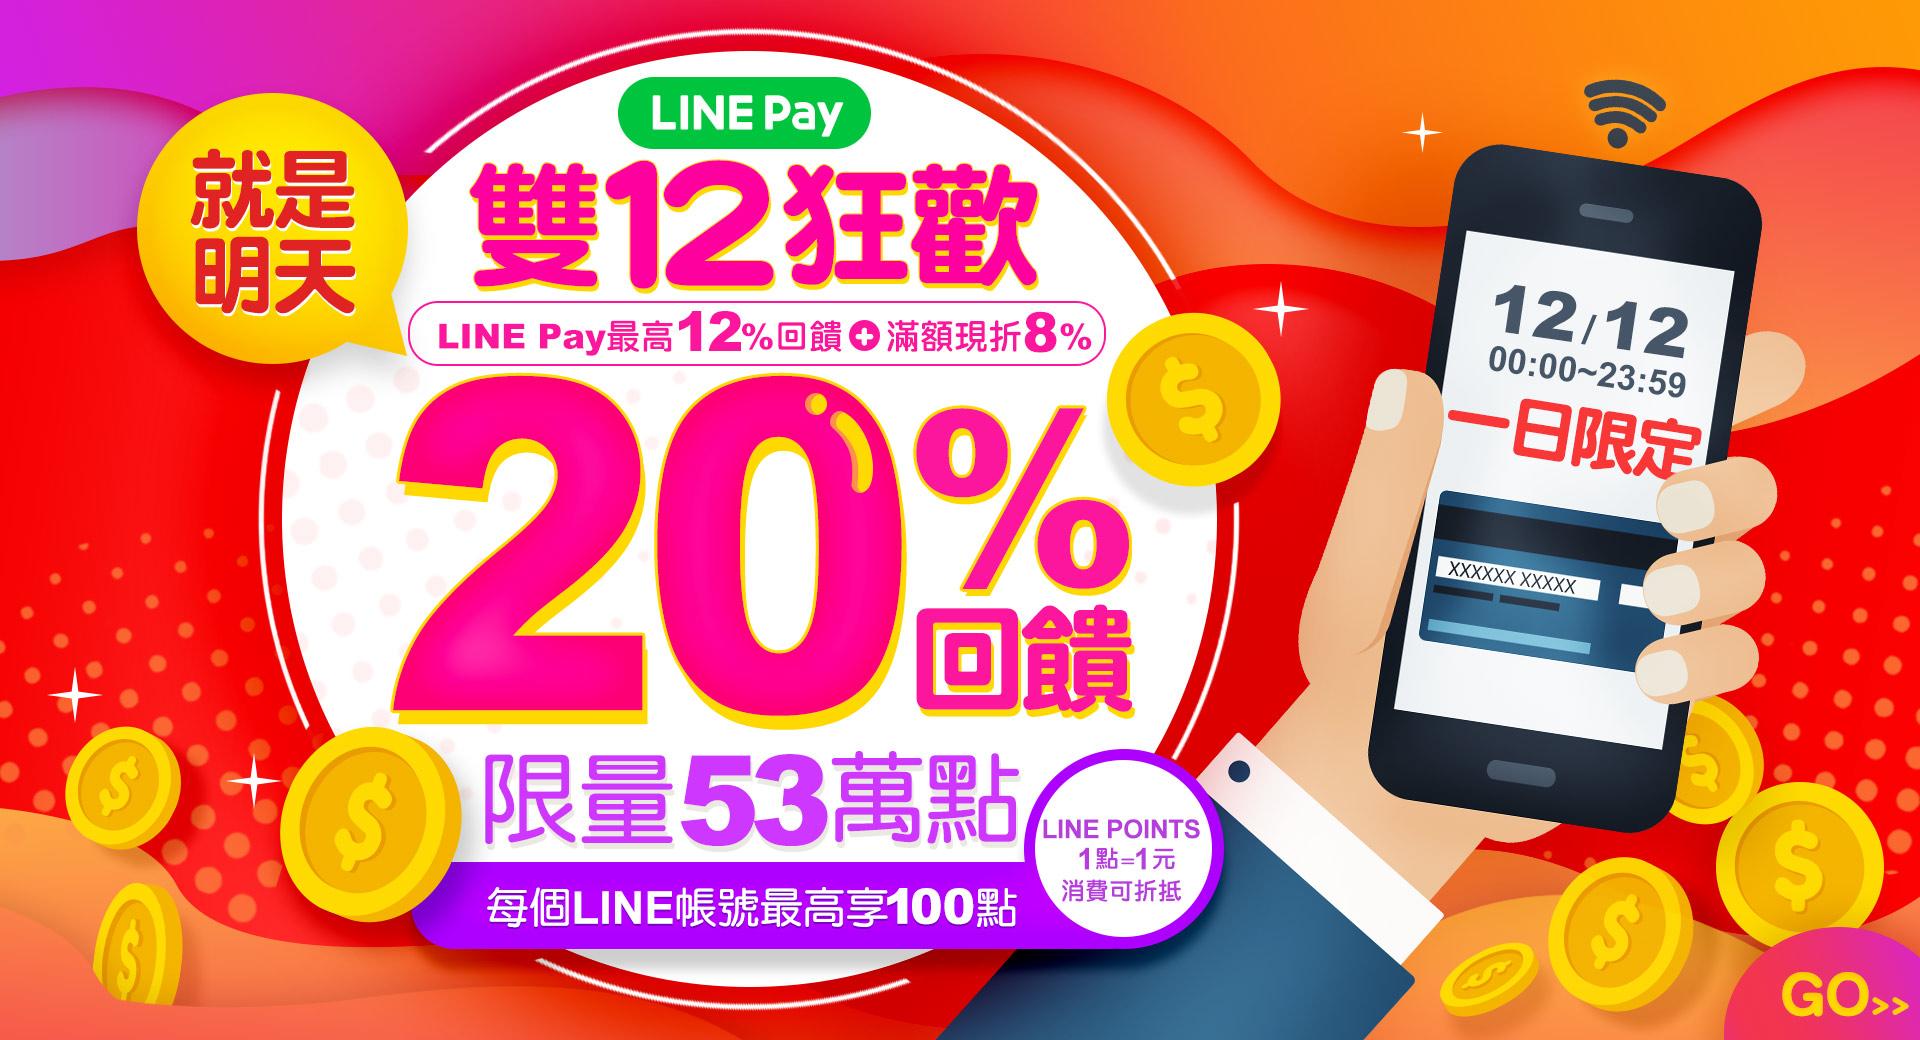 雙12_Line20%